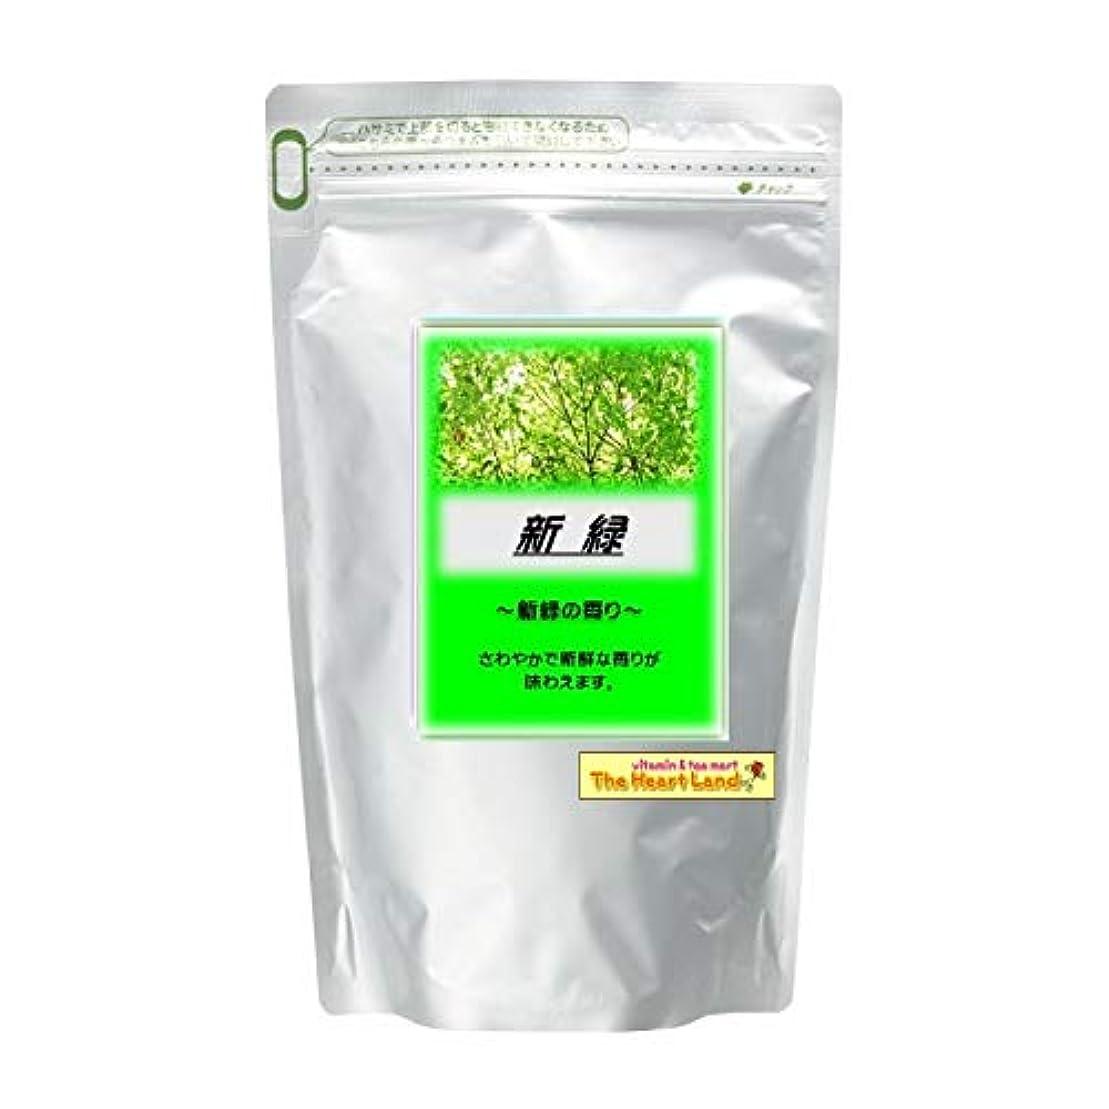 雪だるまベーリング海峡保護アサヒ入浴剤 浴用入浴化粧品 新緑 2.5kg